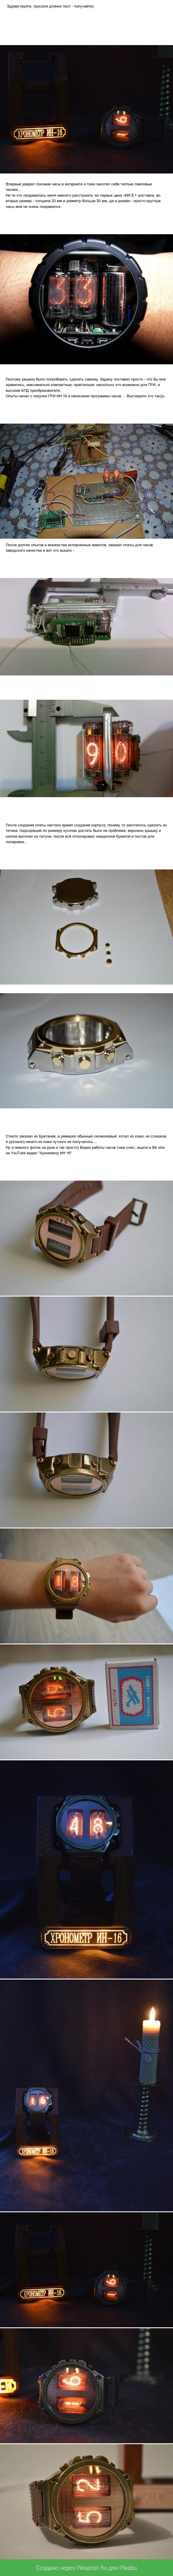 Хронометр ИН 16 Nixie clock, Часы, Титан, Длиннопост